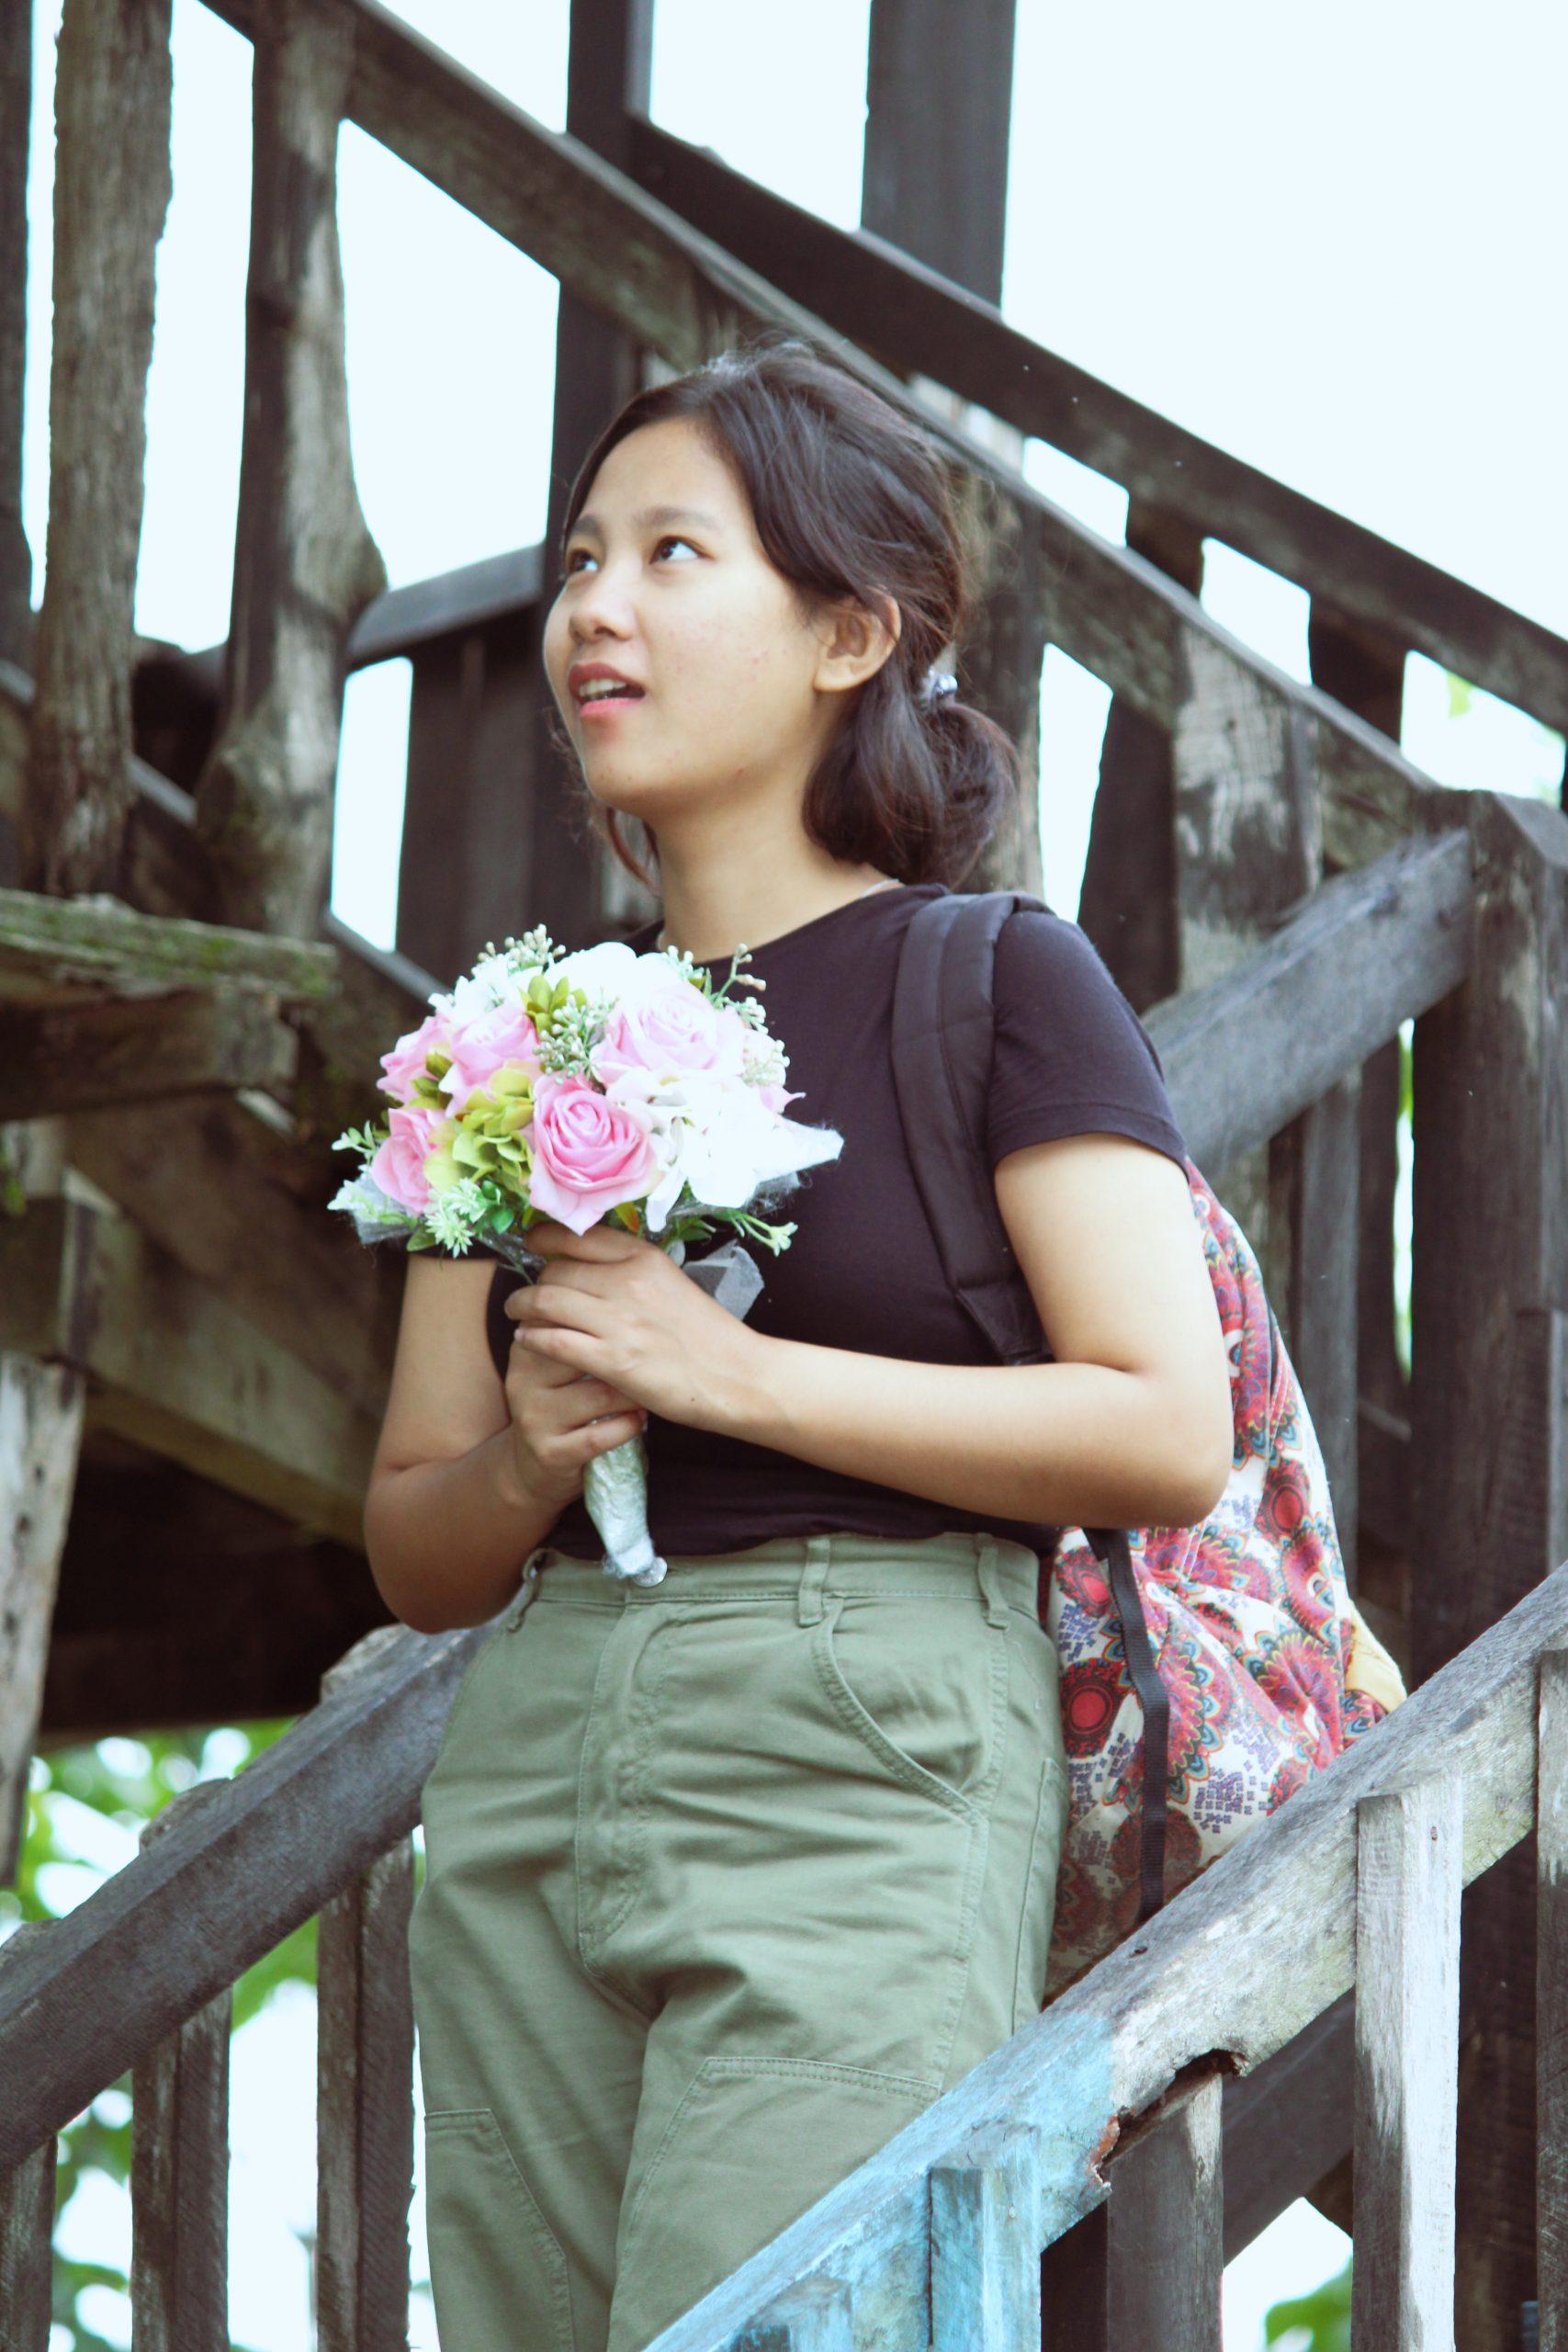 A girl holding a flower bouquet